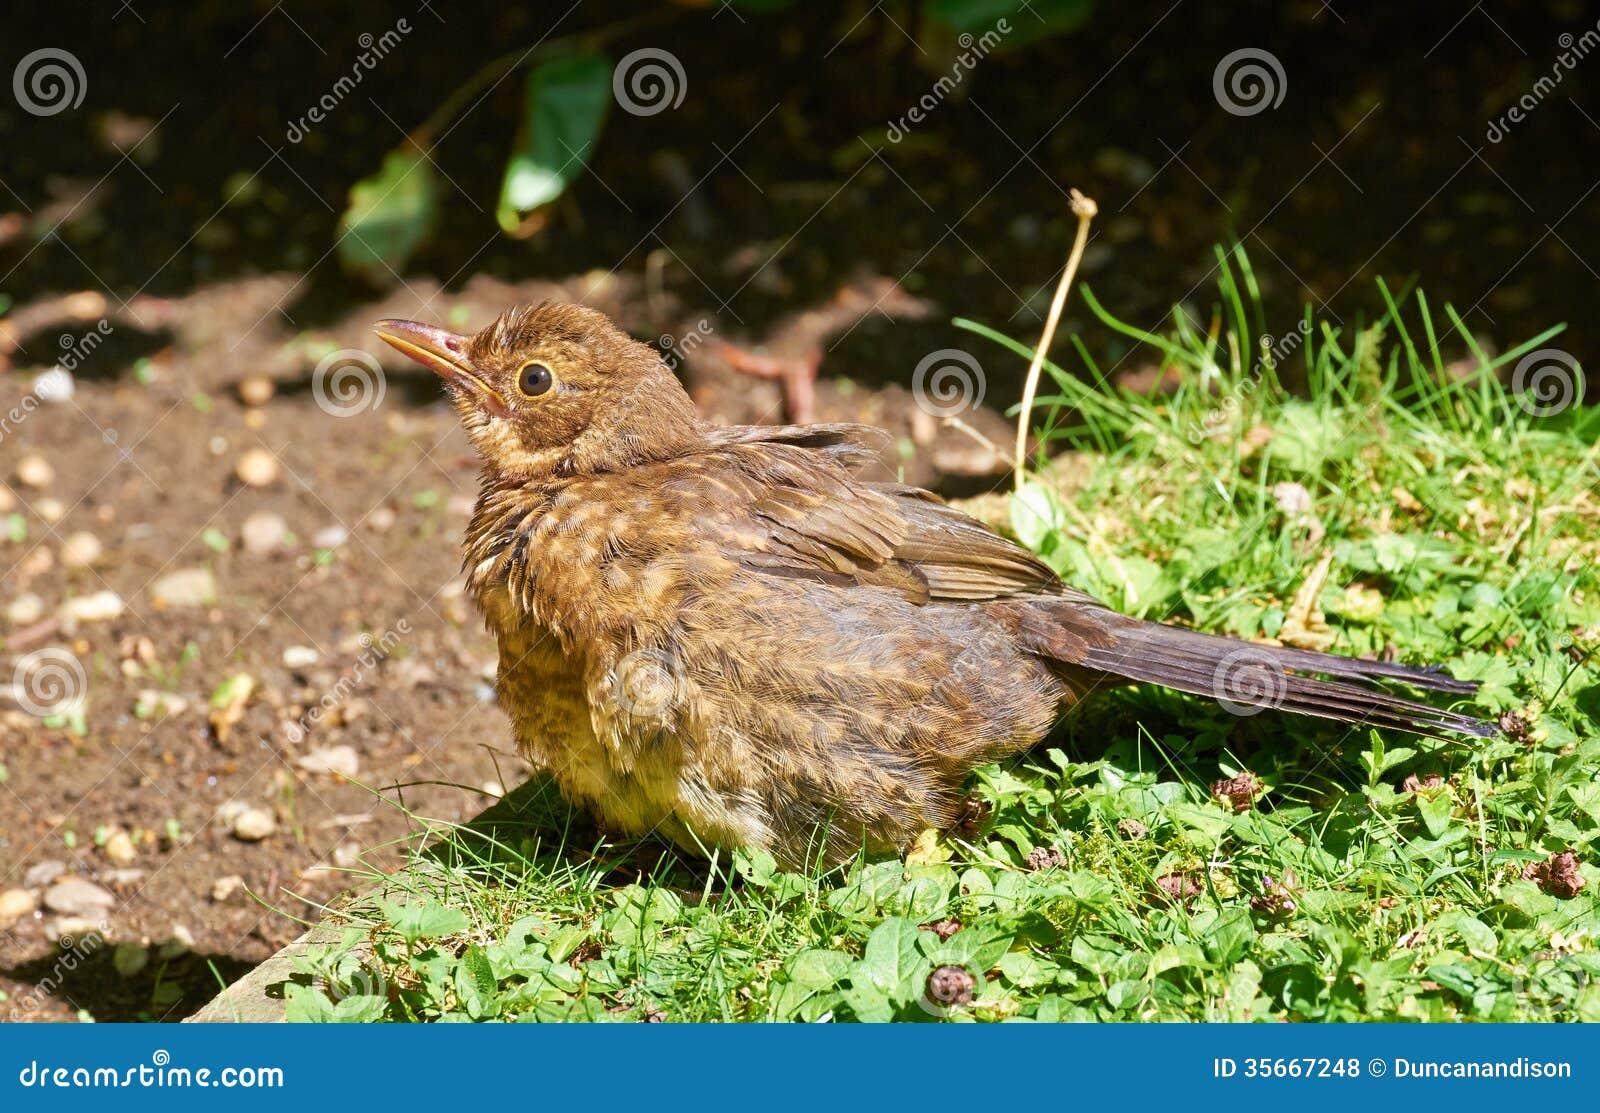 Blackbird royalty free stock photos image 35667248 for Blackbird designs english garden